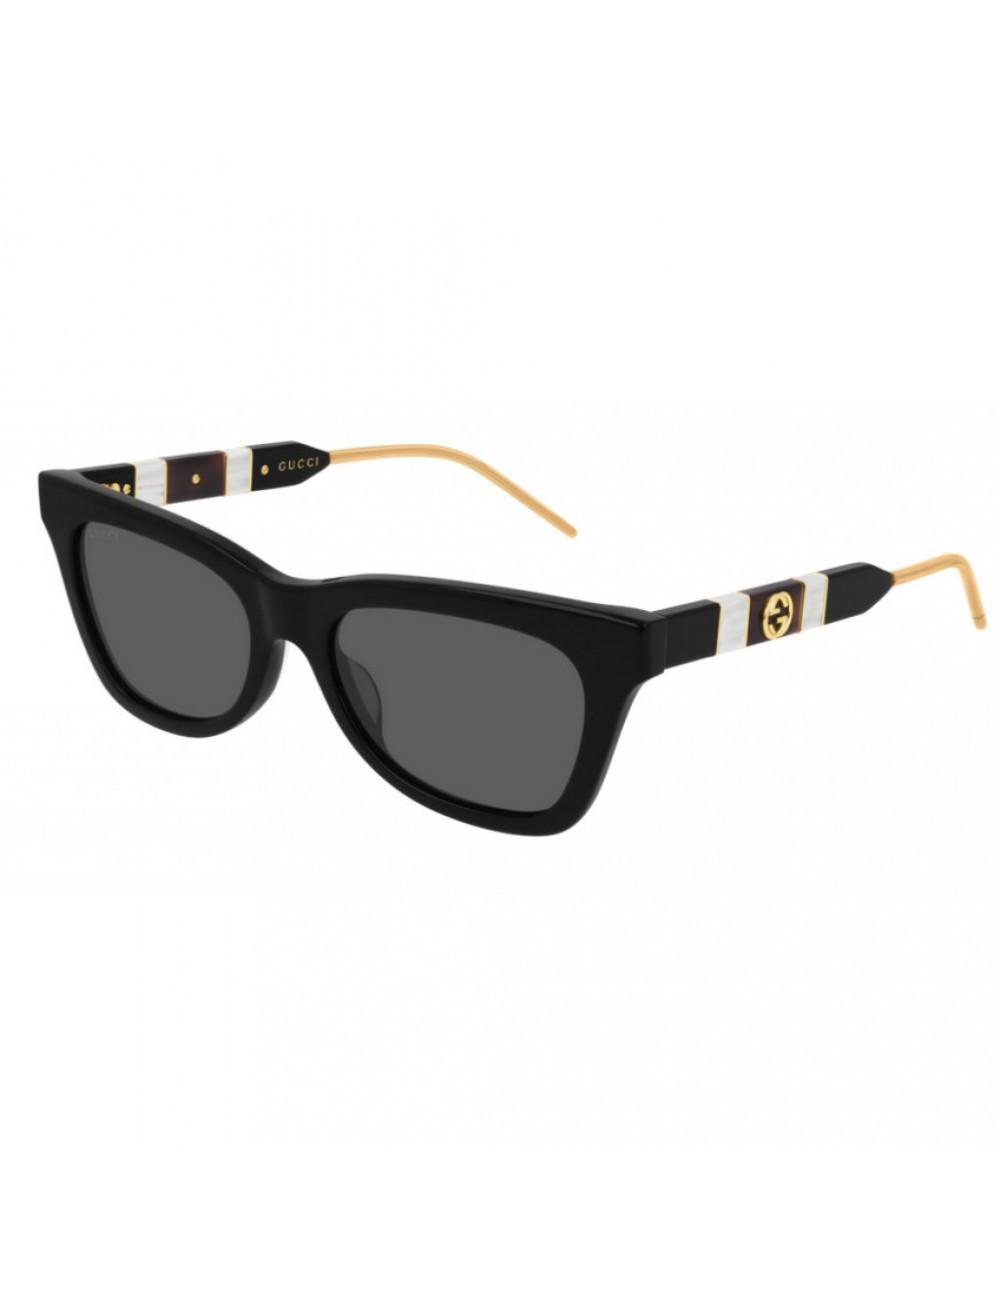 Gucci GG0598S 001